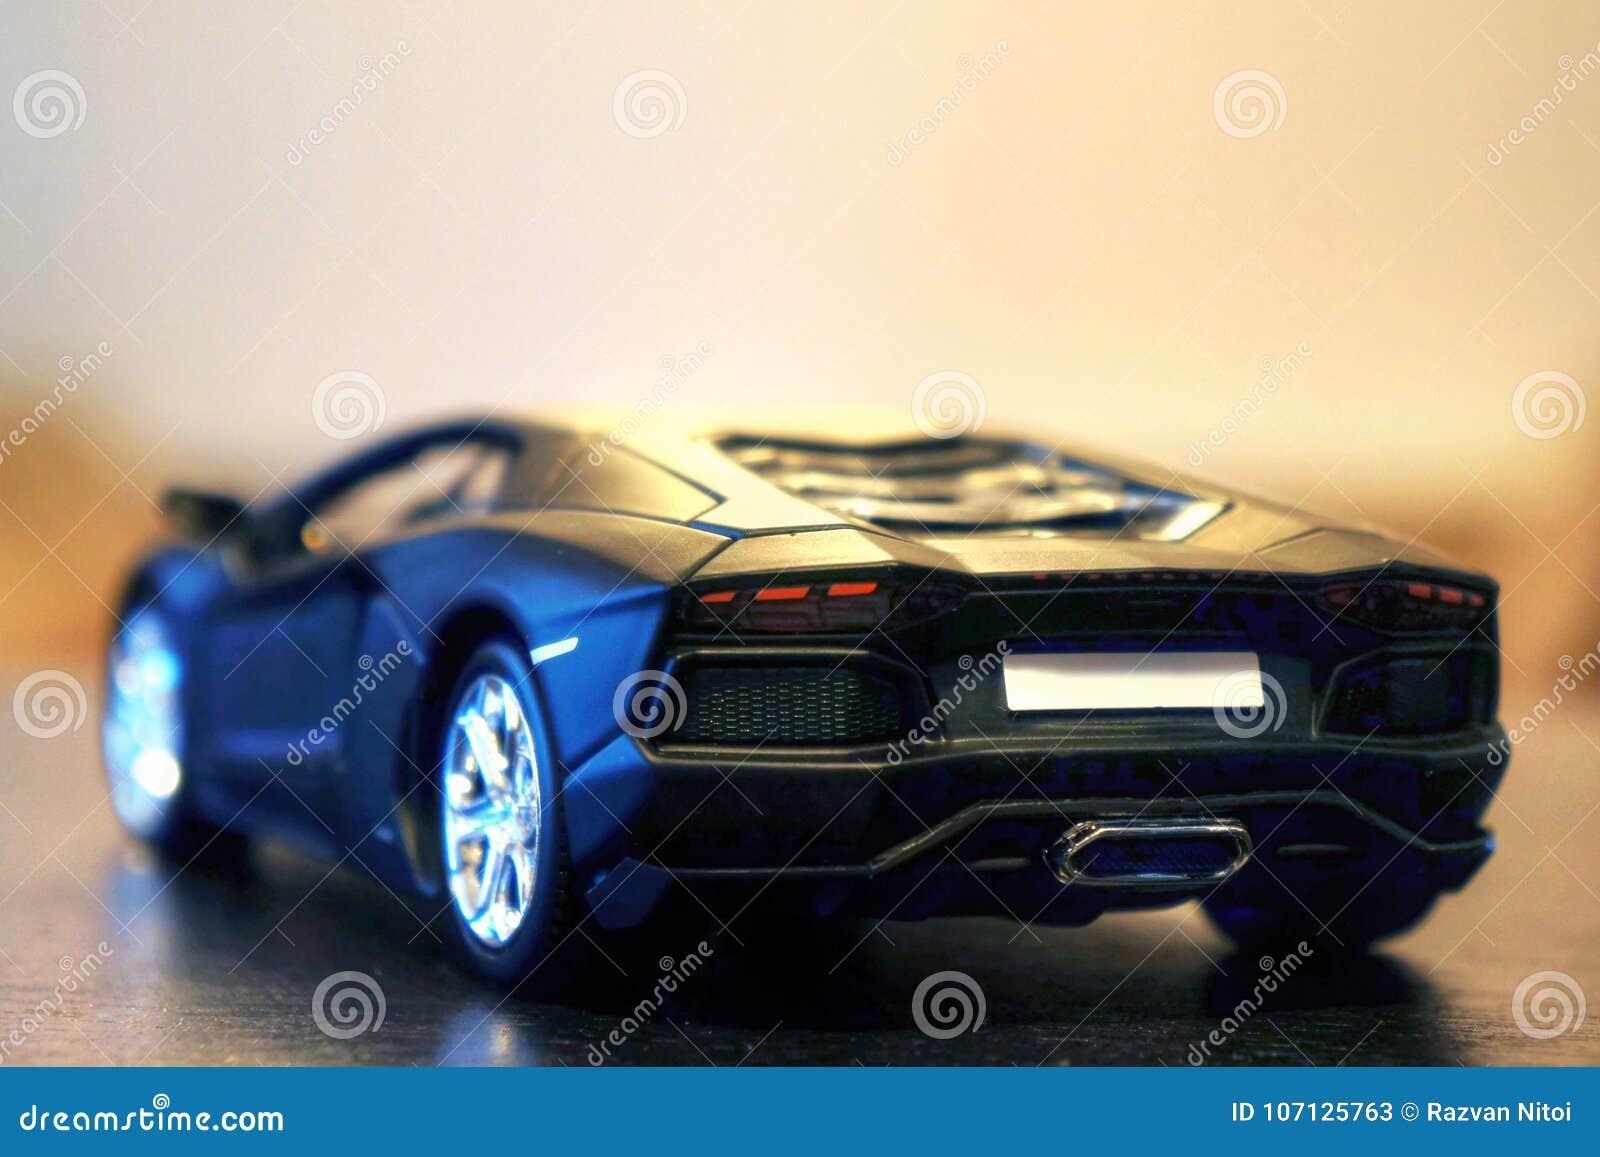 Lamborghini Aventador Lp700 4 Model Car Rear View Editorial Stock